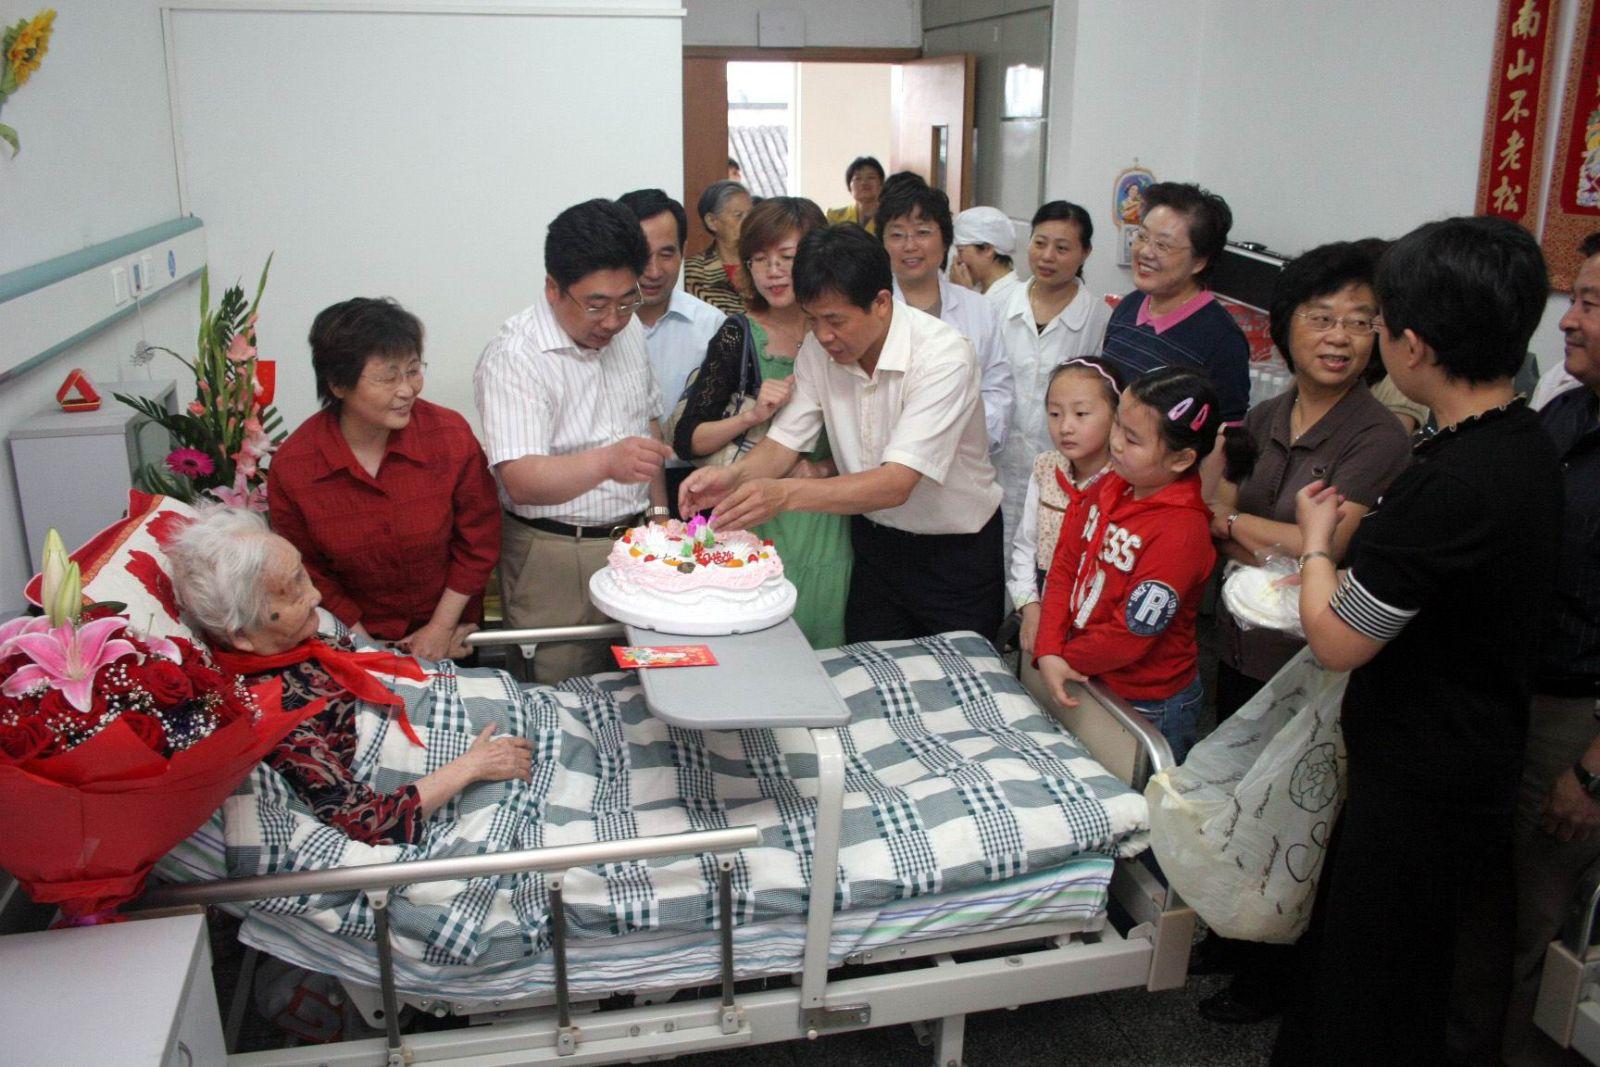 居家养护老年痴呆患者